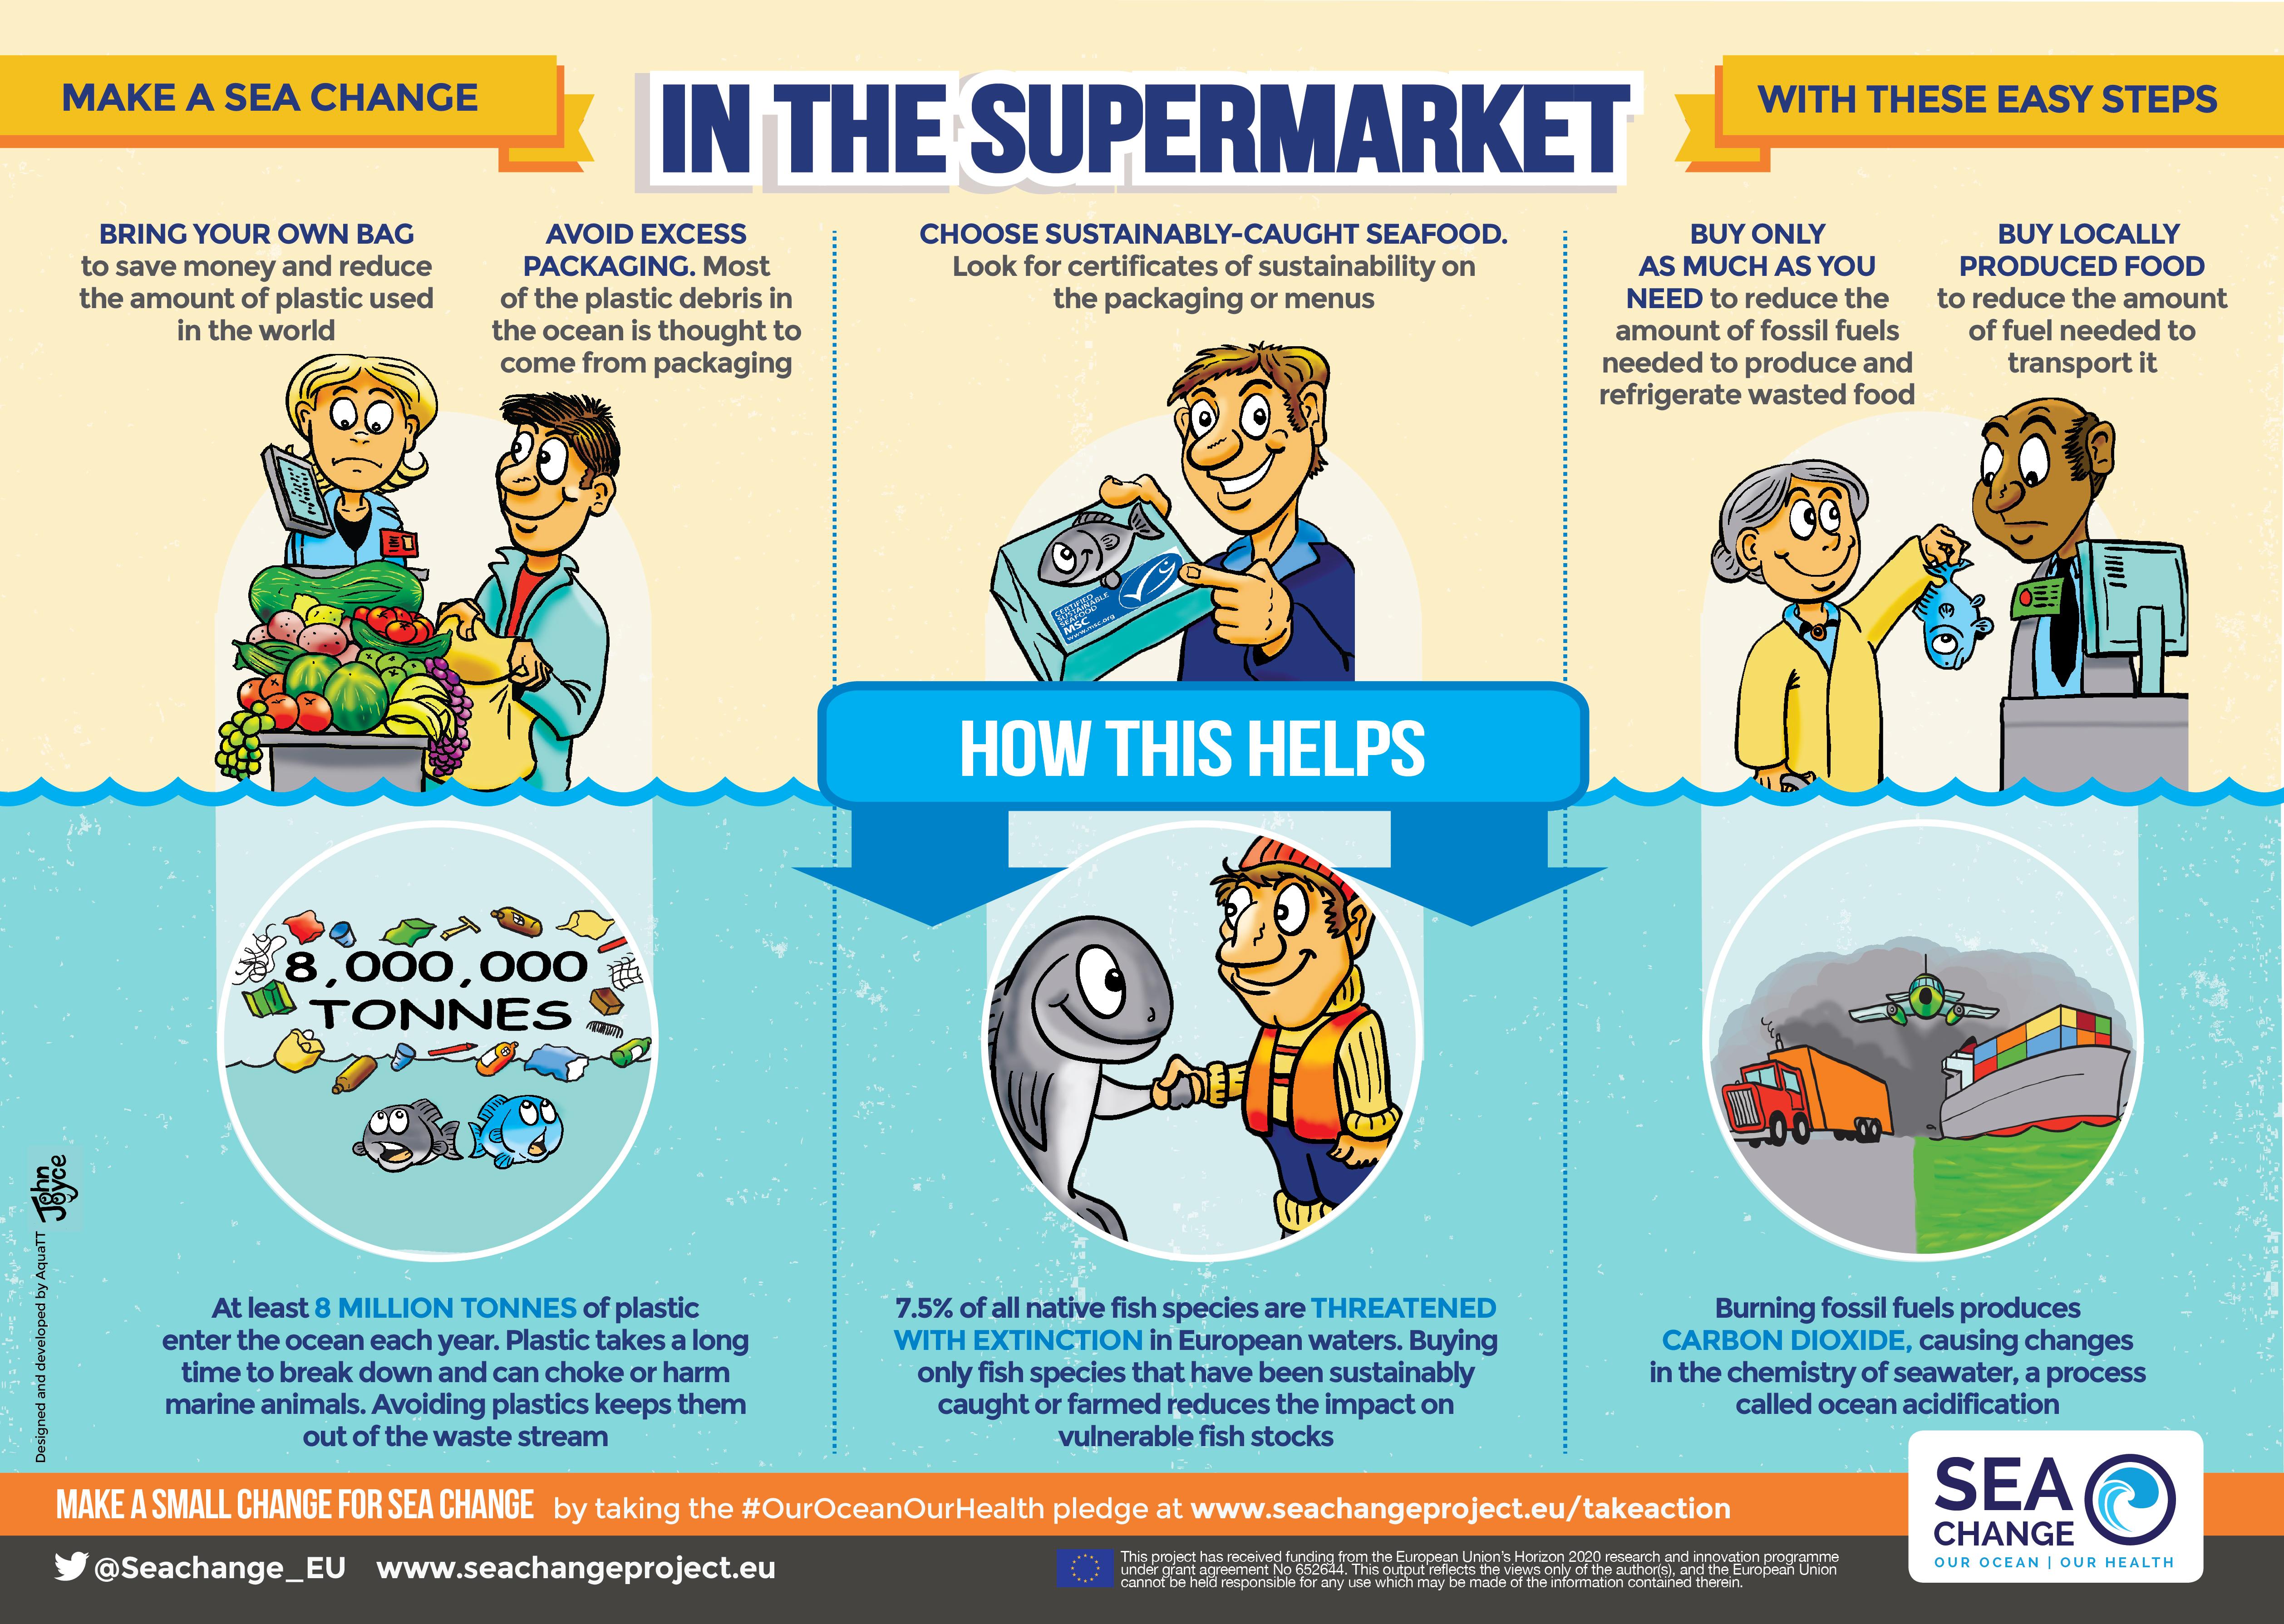 Sea Change Project World Ocean Network